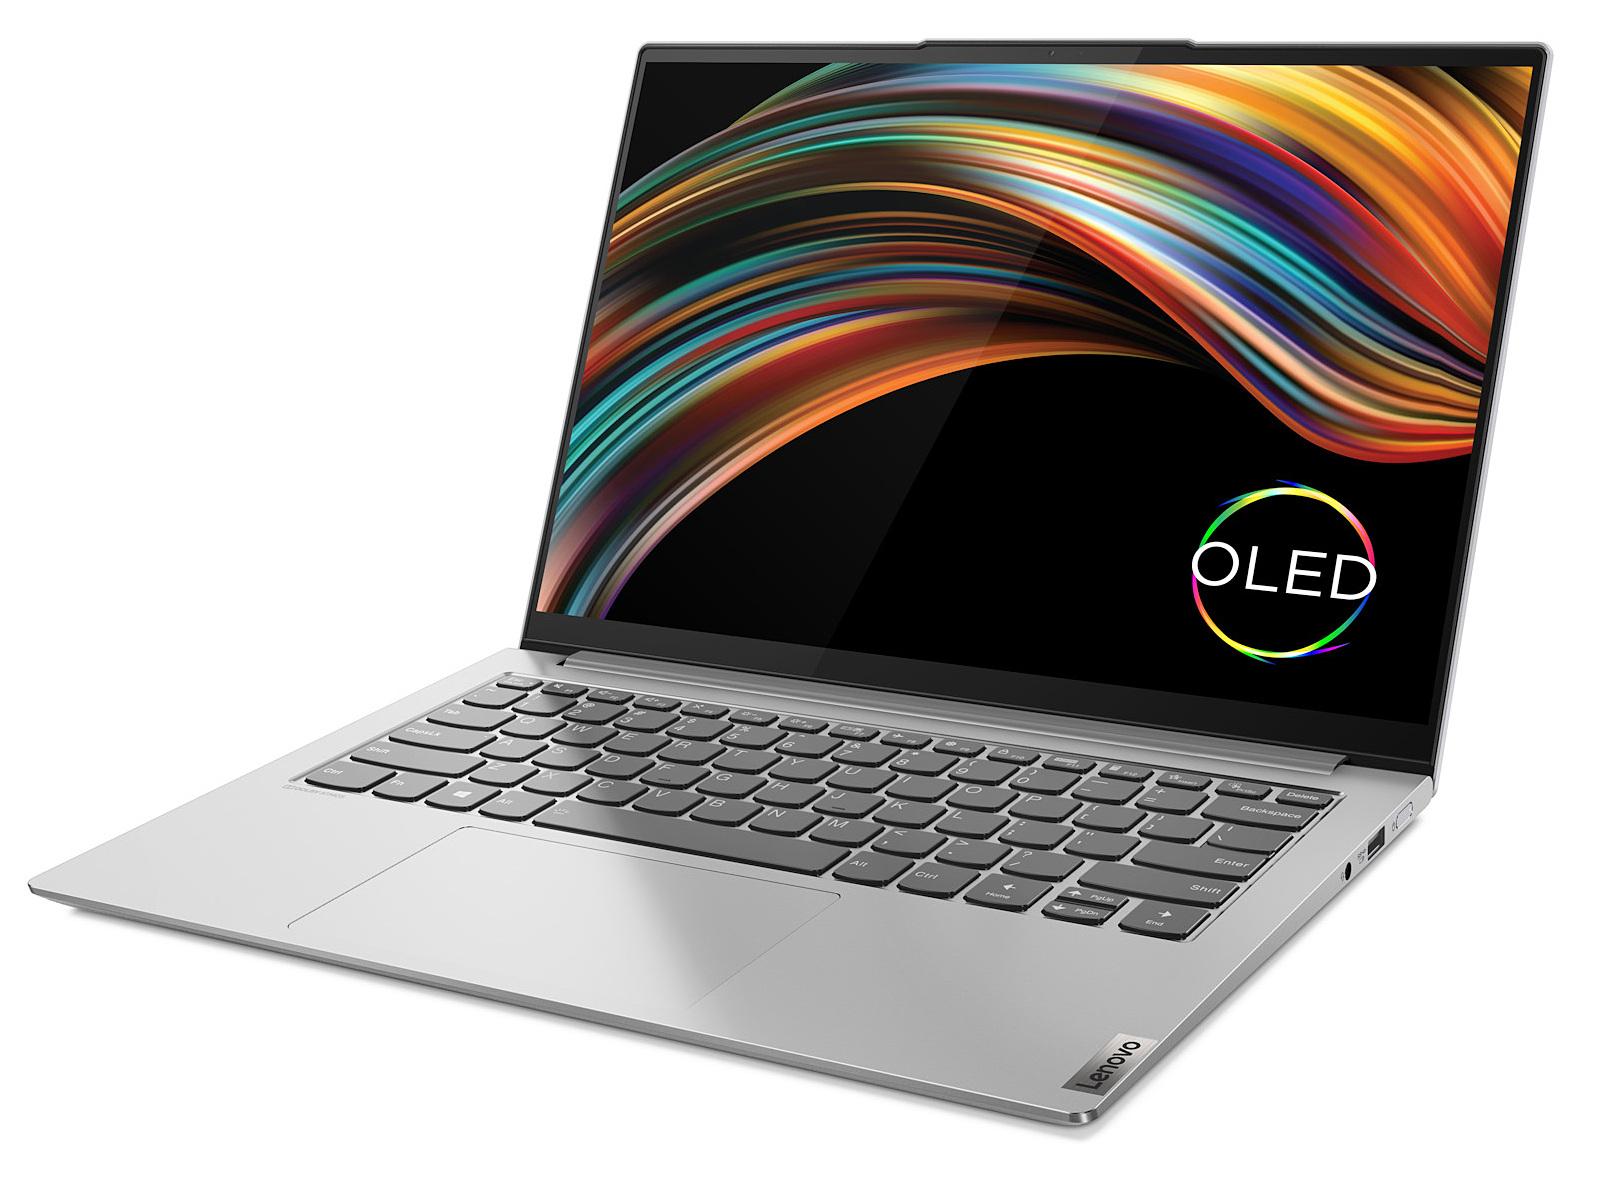 Màn hình OLED đang trở thành xu hướng trên các mẫu laptop cao cấp hiện nay.